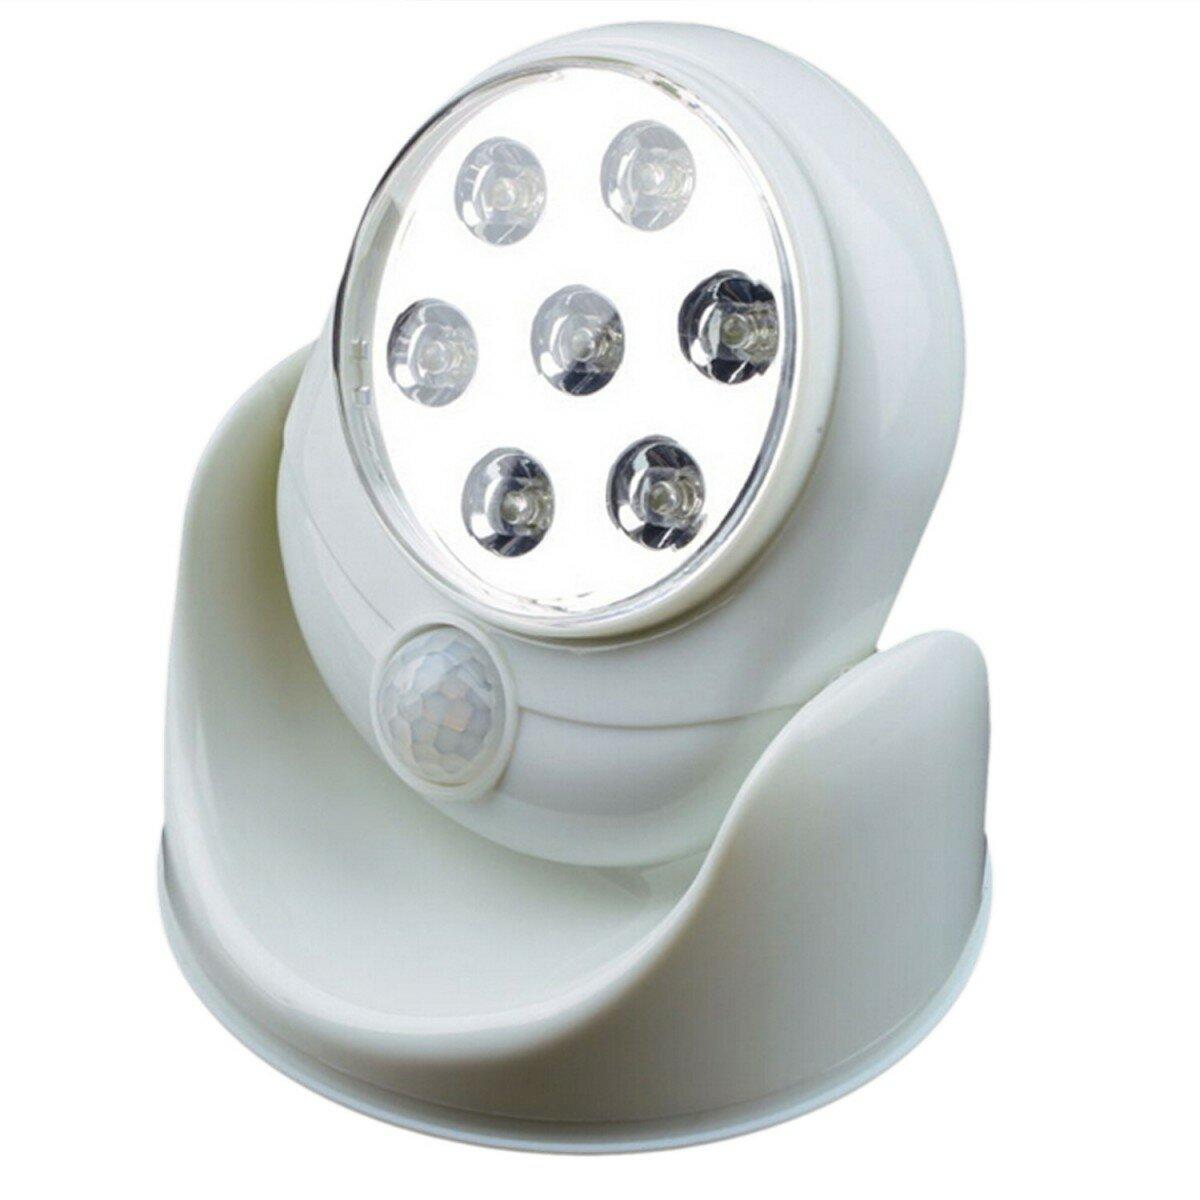 датчики движения со светодиодными лампами